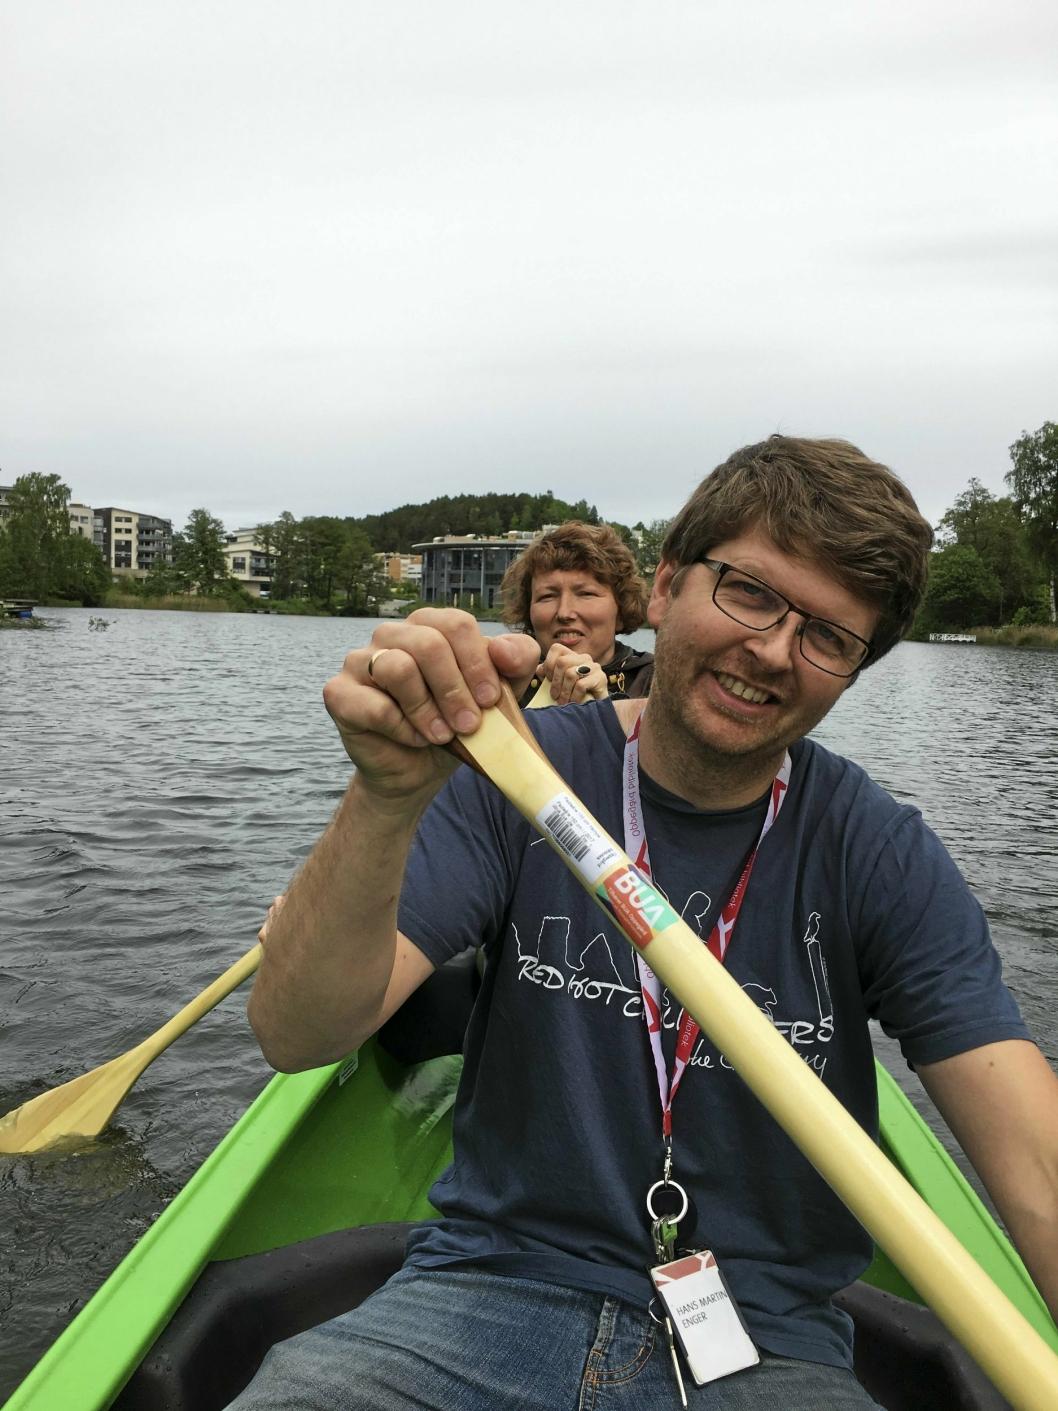 POPULÆRT: BUAs kano er en av de morsomme opplevelsene du kan få - helt gratis, her padlet av Hilde Sjølseth og Hans Martin Enger.